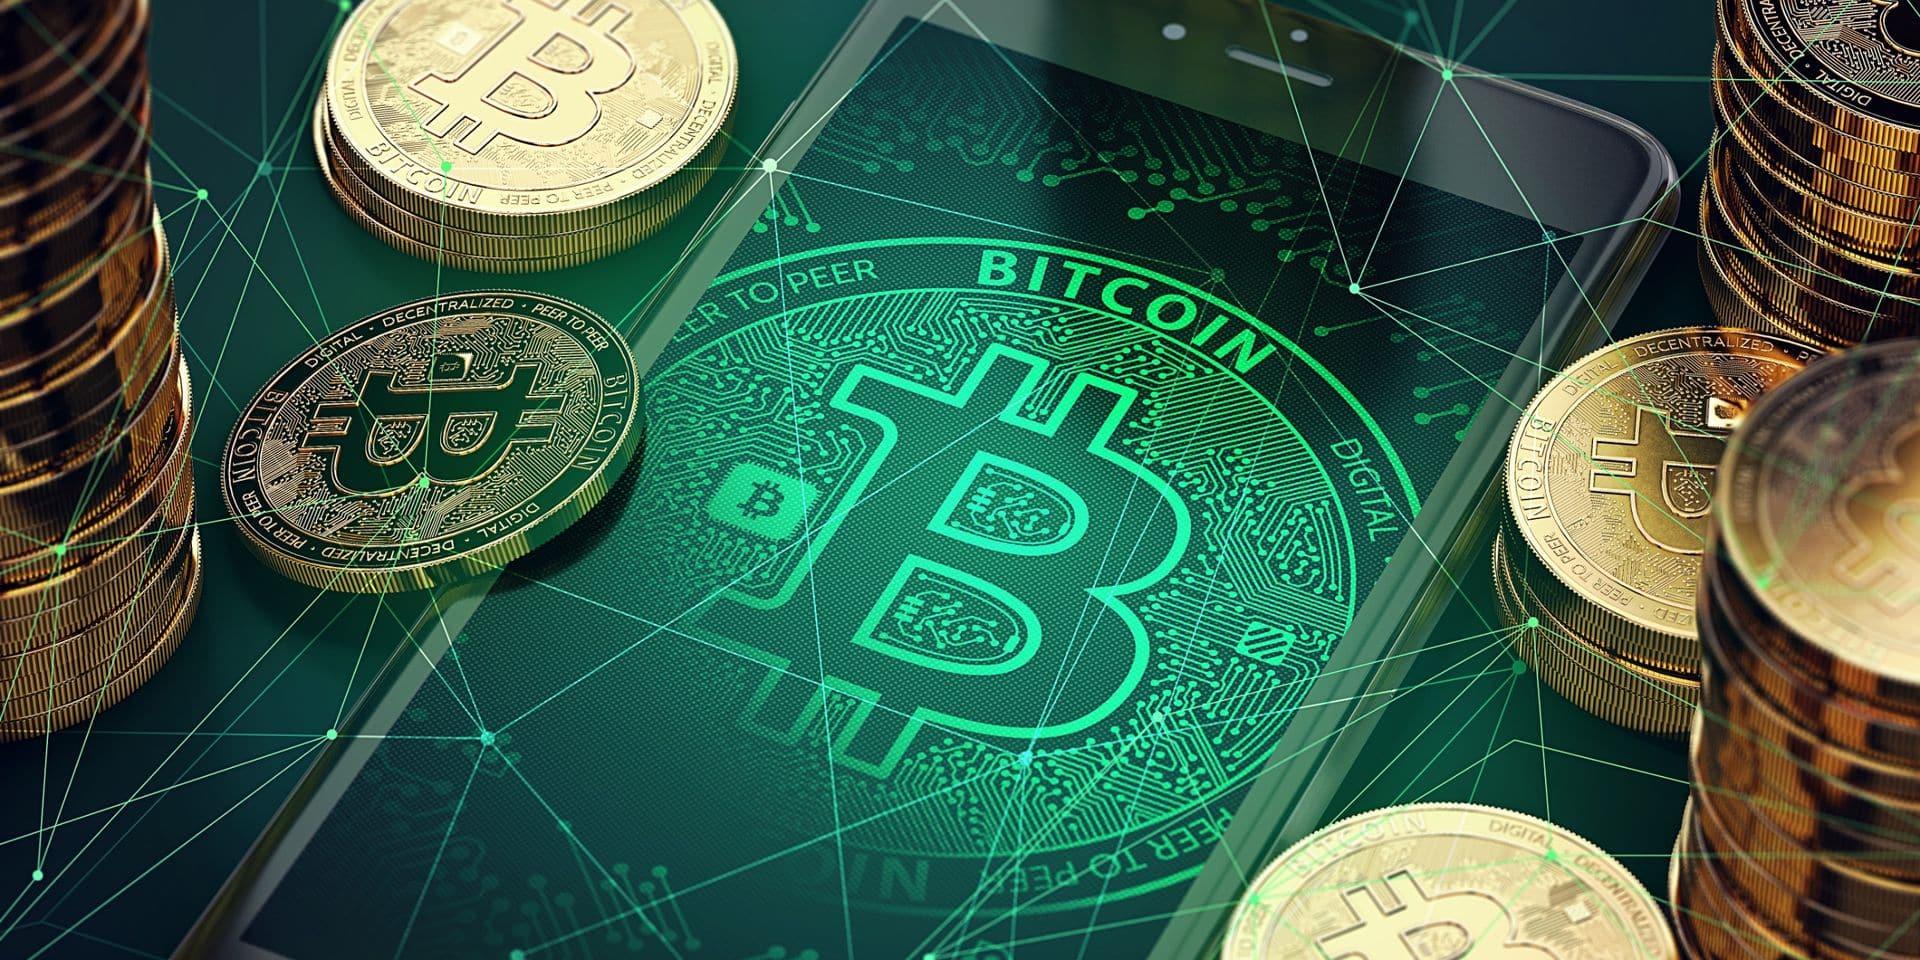 Le cours du bitcoin chute sous la barre des 50 000 dollars